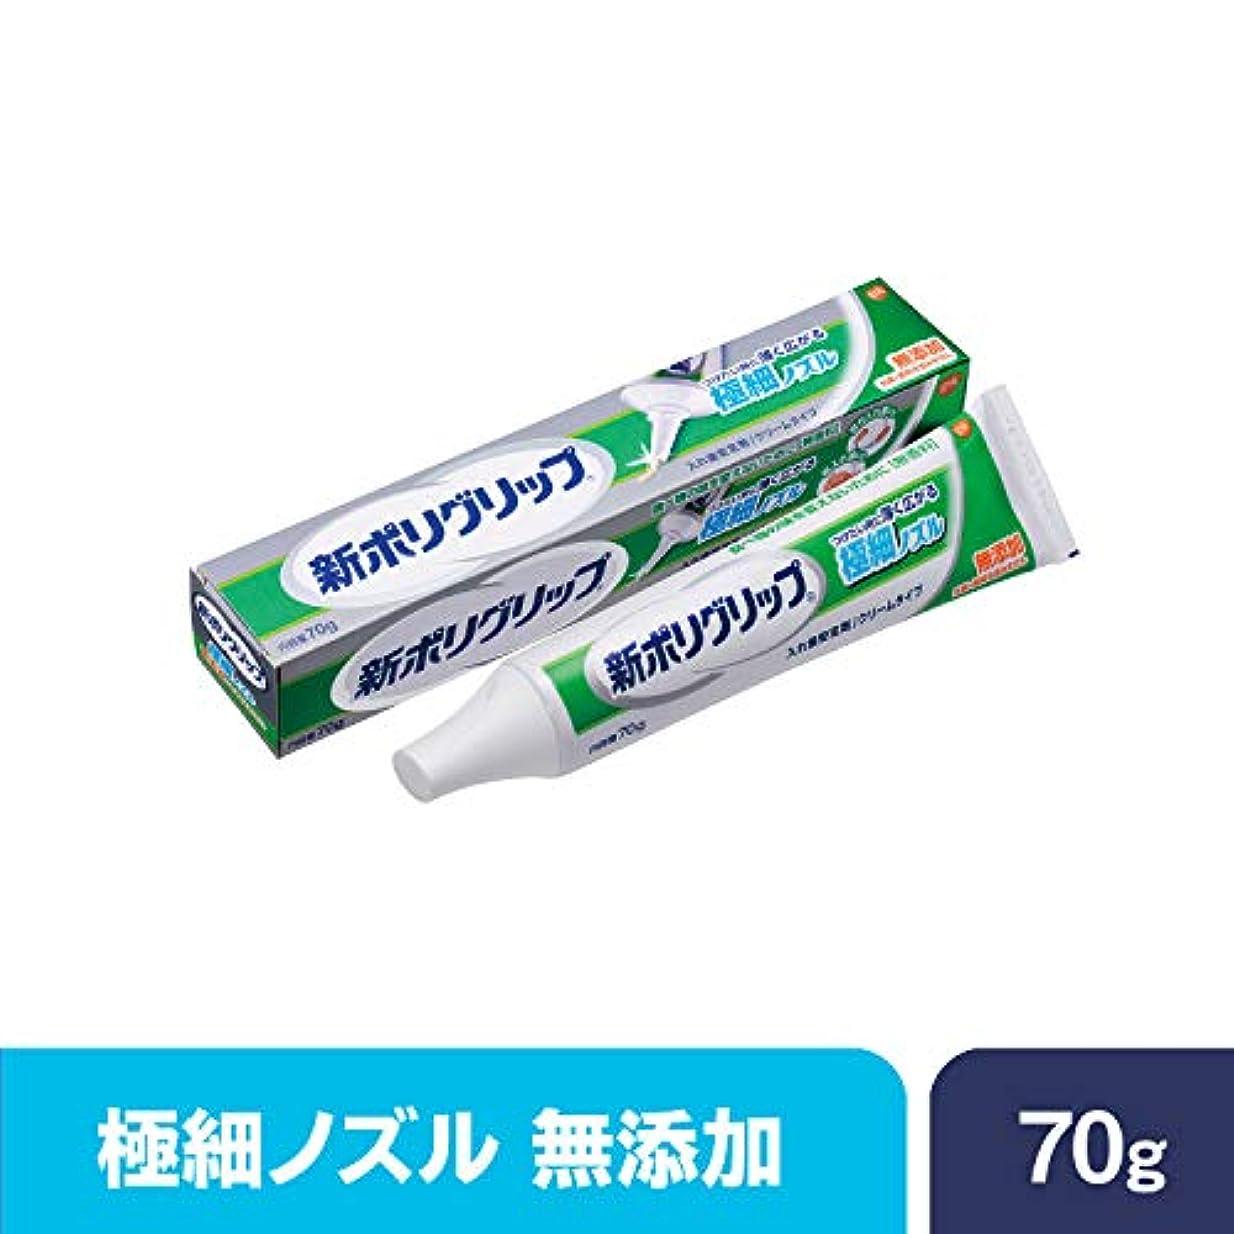 部分?総入れ歯安定剤 新ポリグリップ極細ノズル 無添加 70g